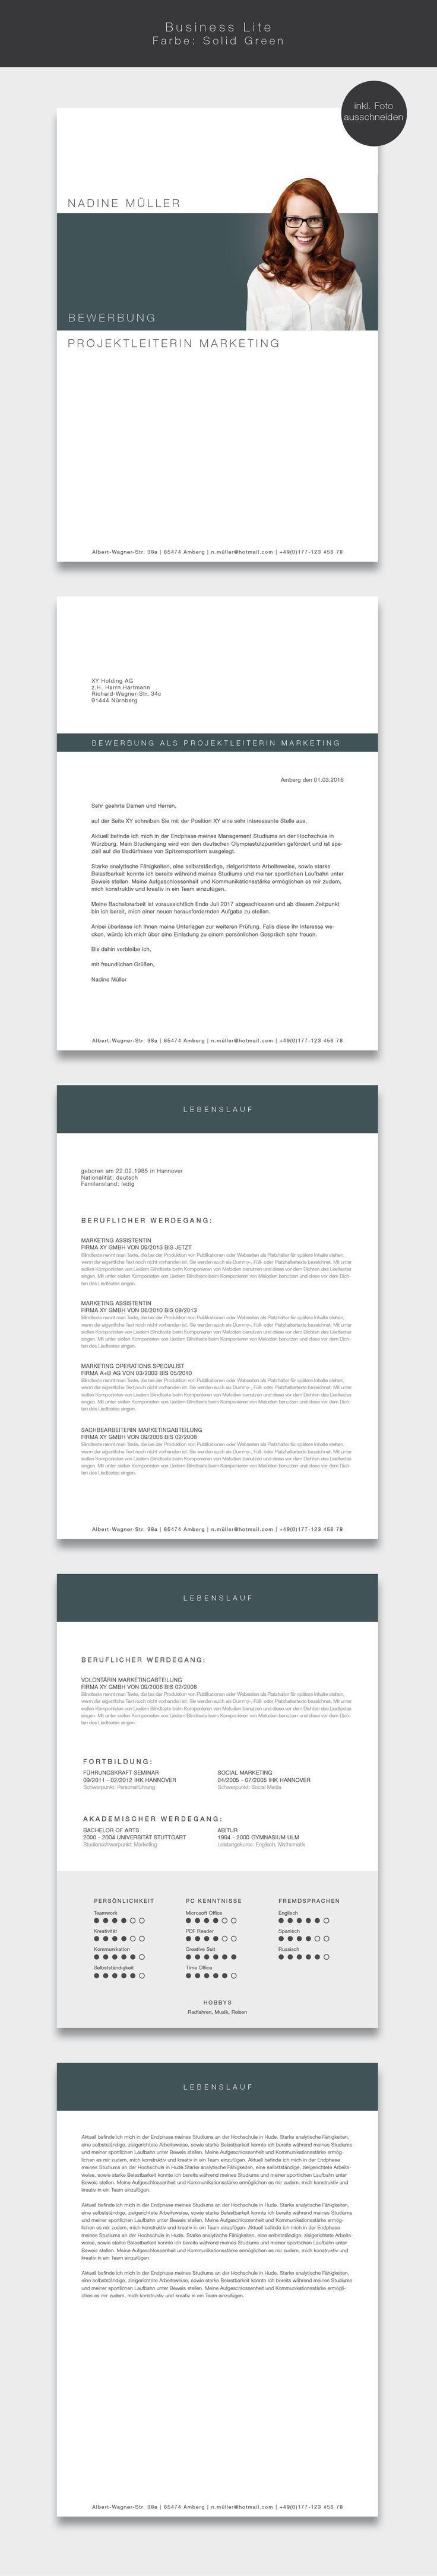 Unsere Bewerbungsvorlage (cv template) \